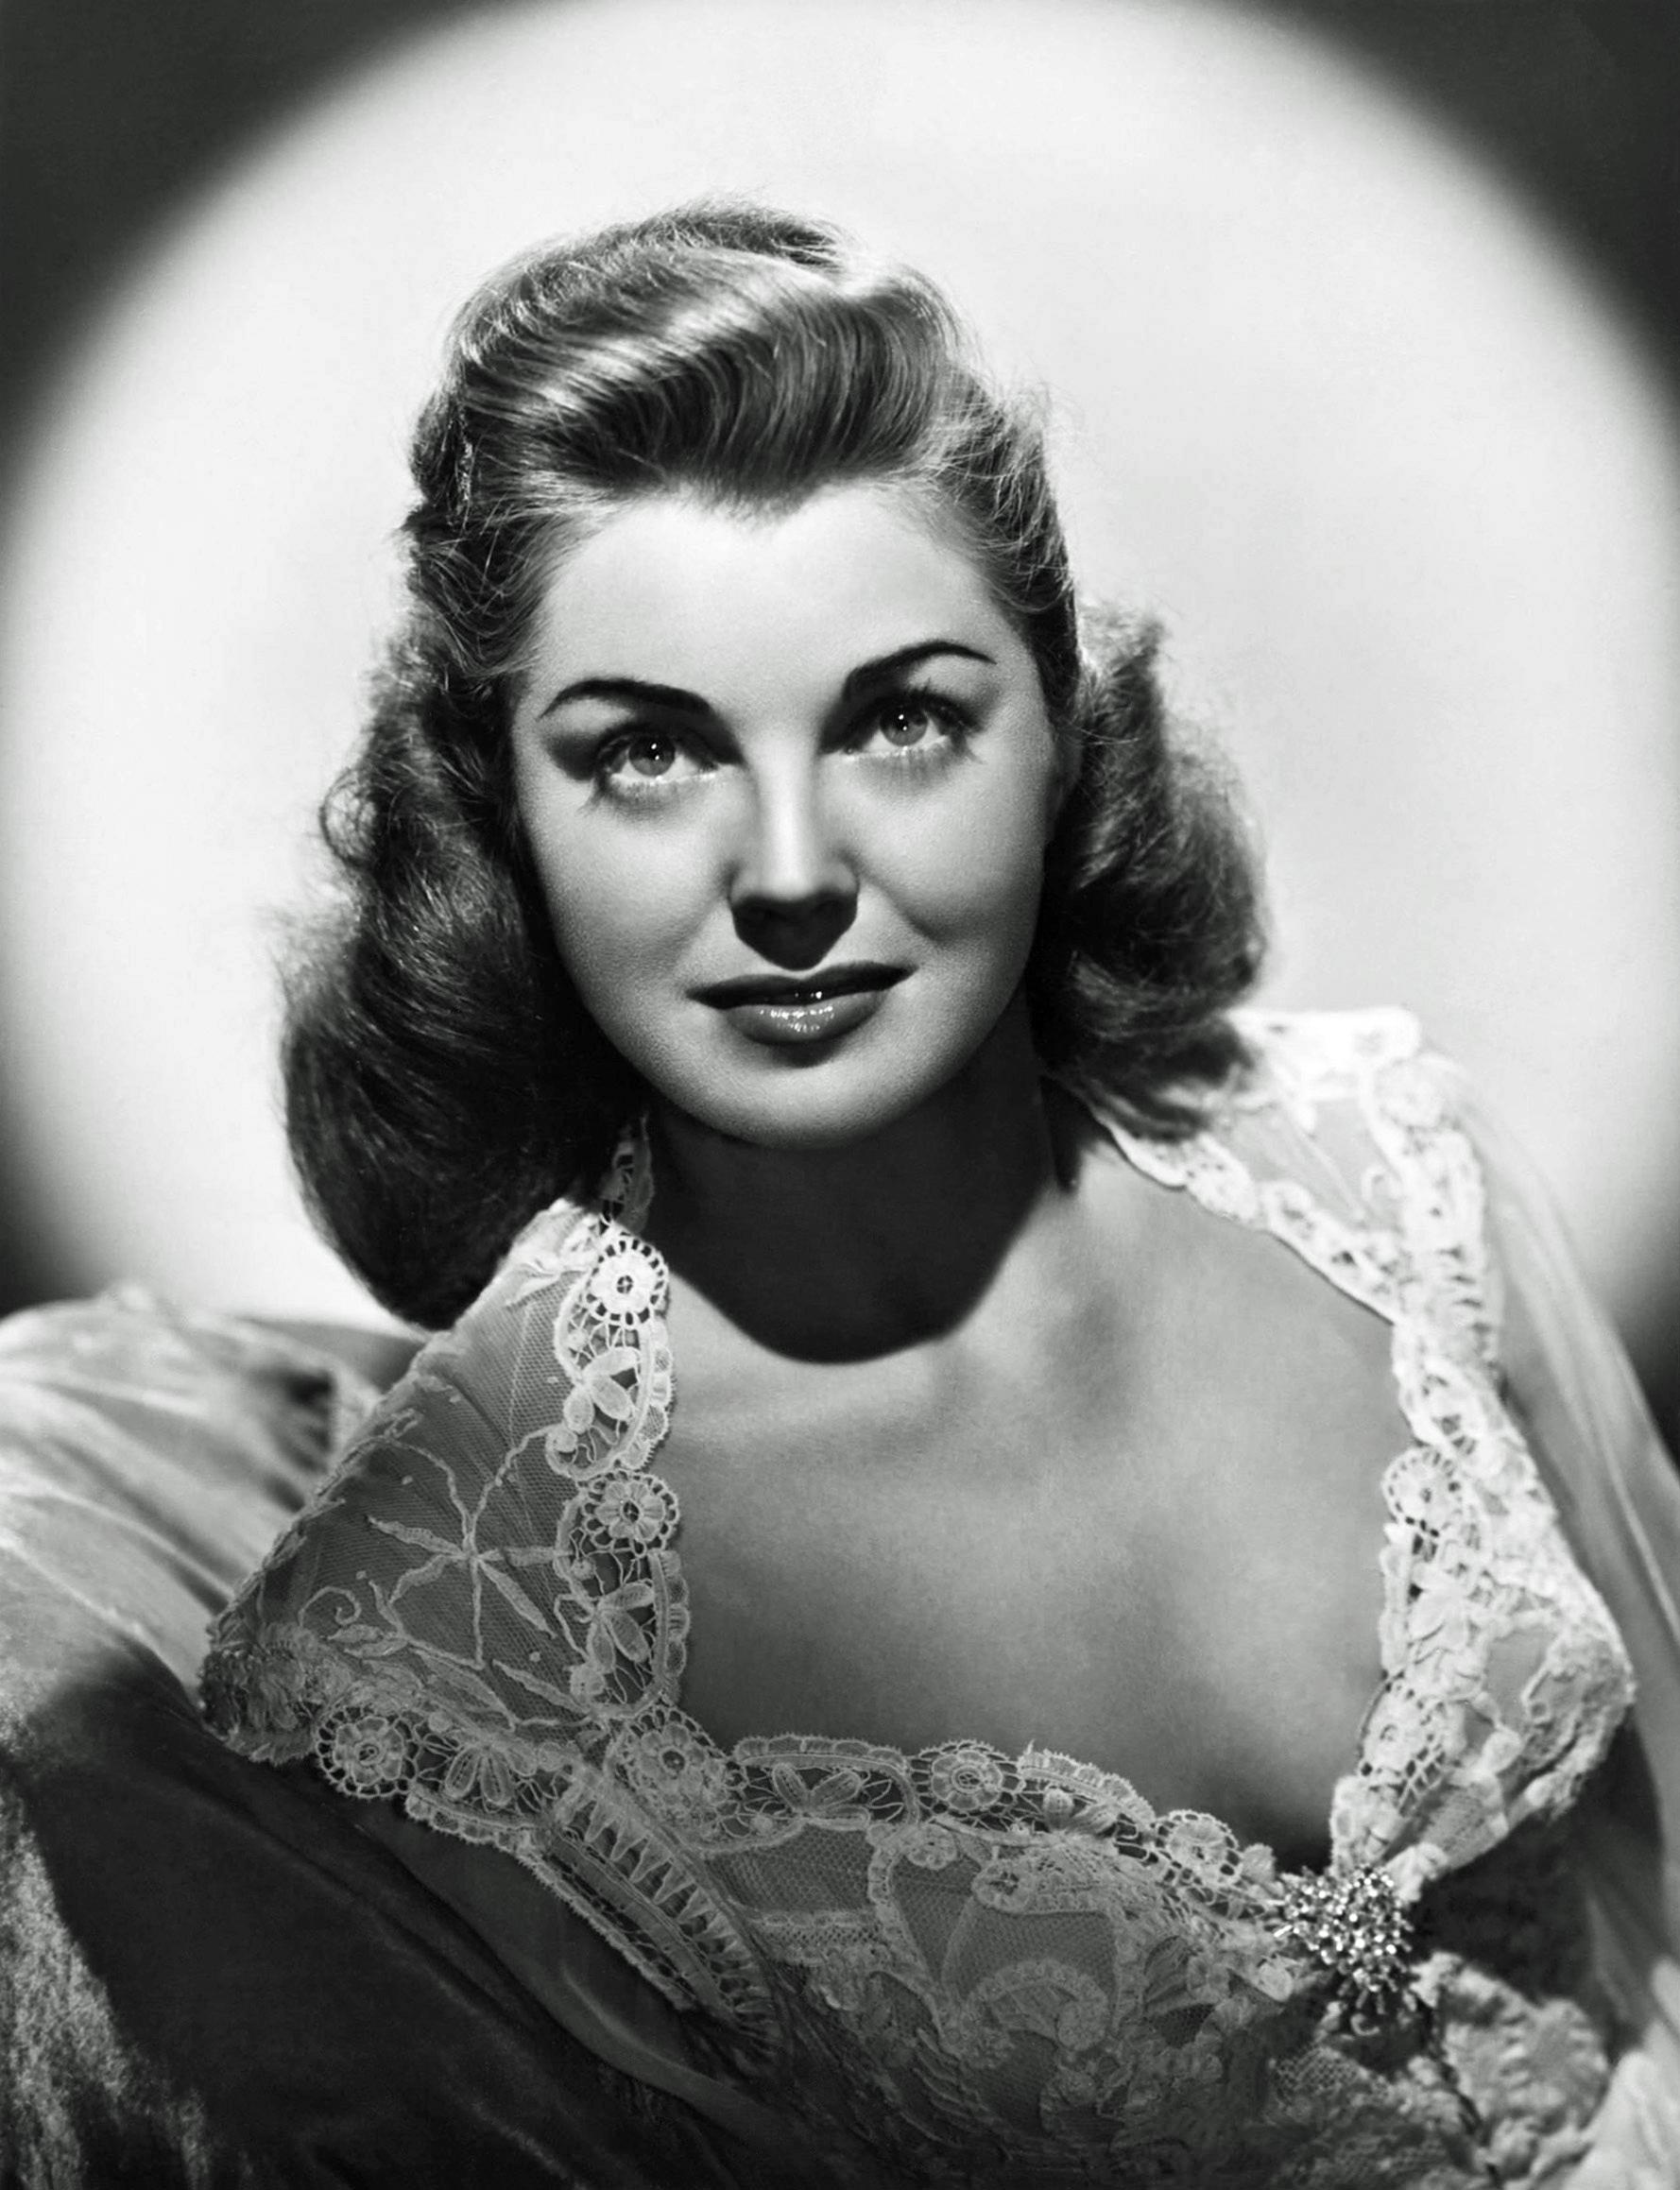 Esther williams